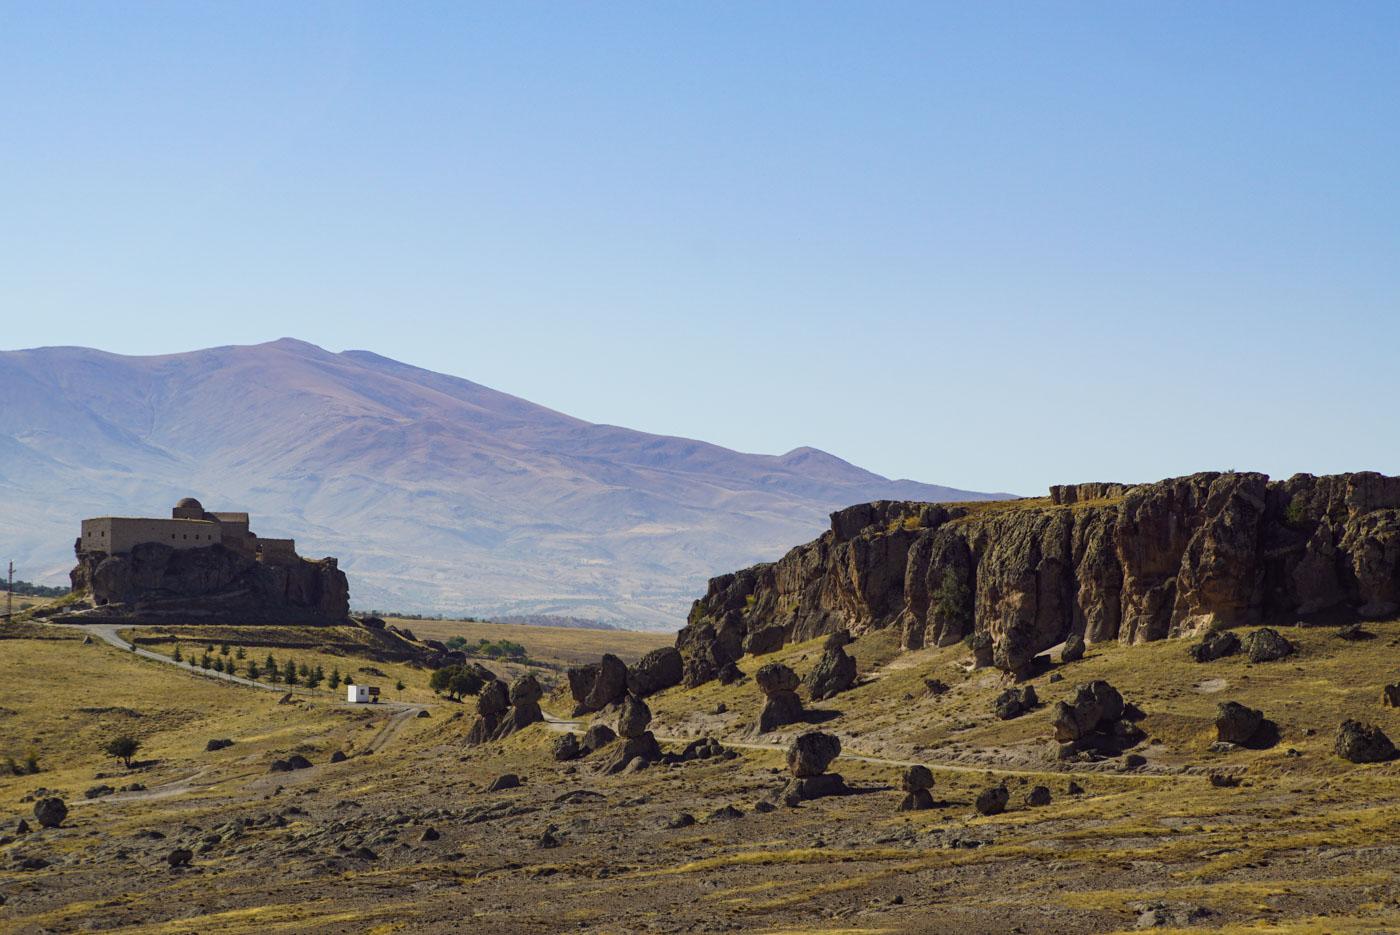 Blick auf das alte Kloster und dessen Zufahrtsstraße. Die Zufahrtsstraße wird von mächtigen Gesteinsbrocken gesäumt die auf Felsen stehen und es scheint als ob sie jeden Augenblick herunterfallen könnte und vorbeifahrende Autos zerquetschen.